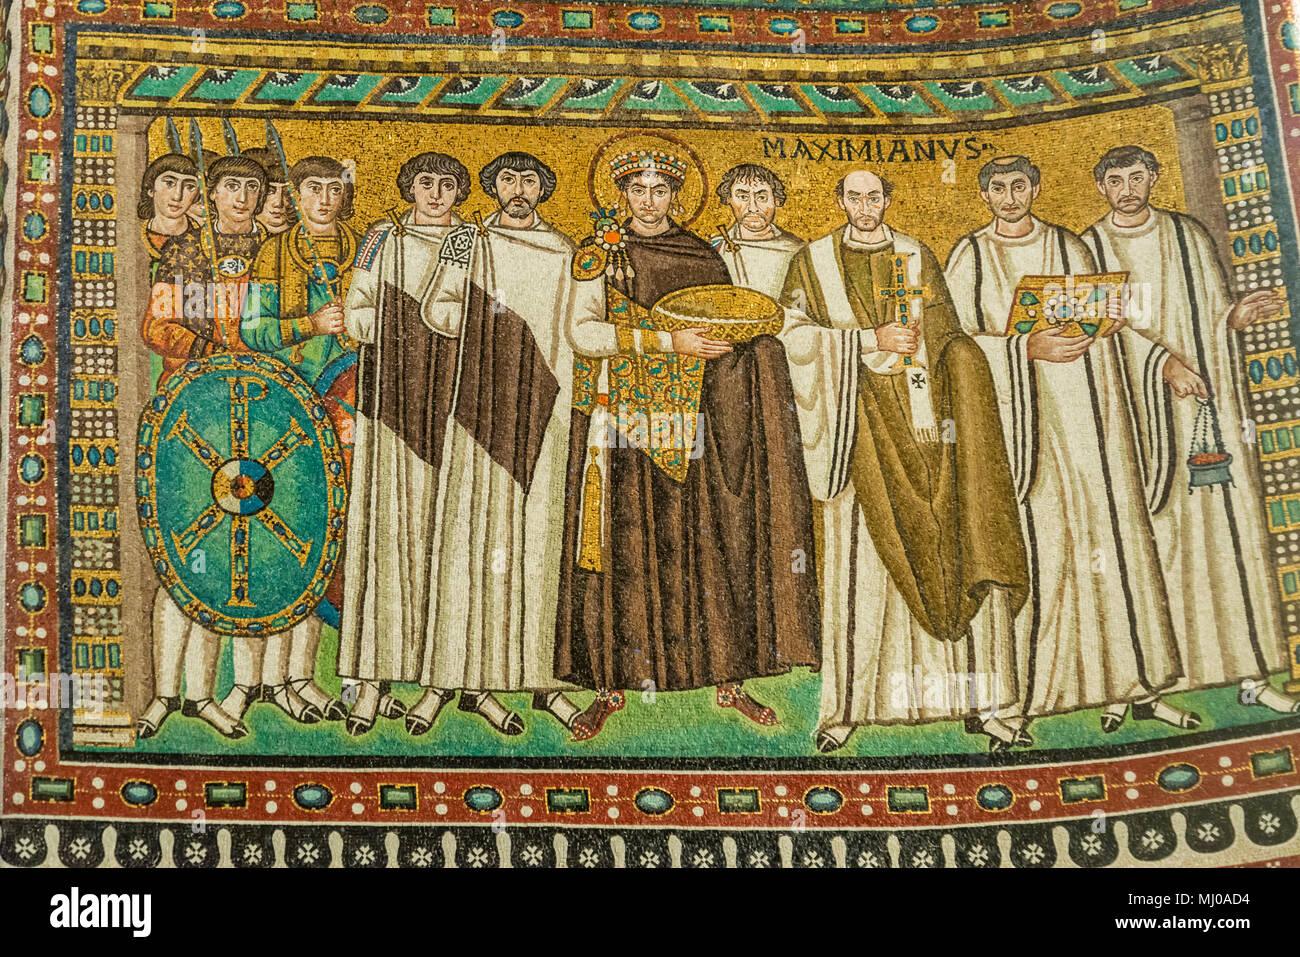 Mosaik Im Inneren Der Berühmten Basilika Di San Vitale, Eines Der  Bedeutendsten Beispiele Der Frühen Christlichen Byzantinischen Kunst In  Westeuropa, ...